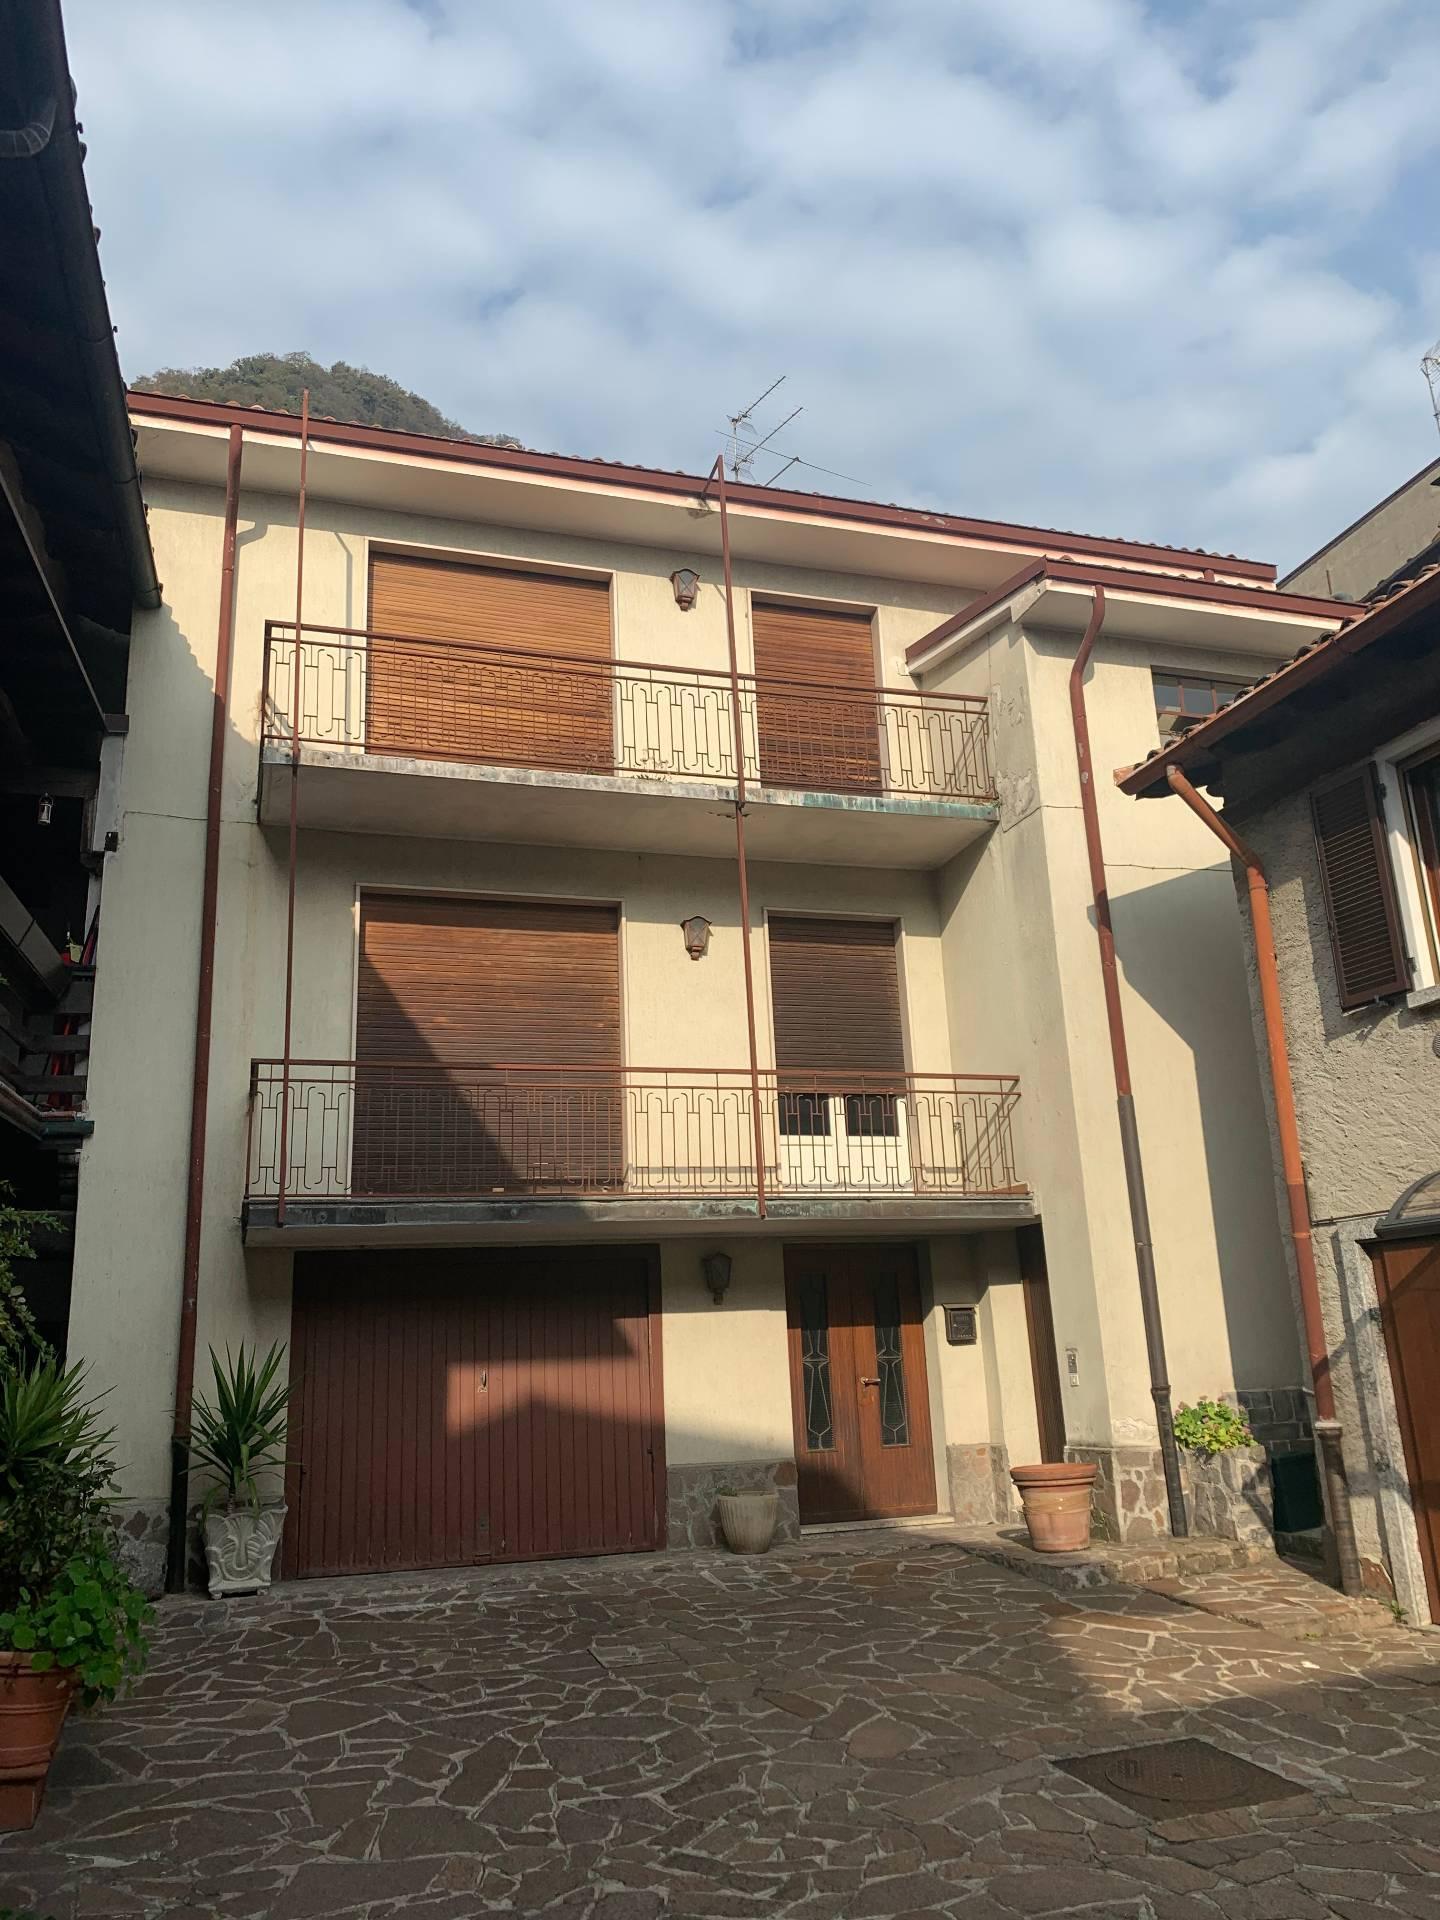 Villa in vendita a Caslino d'Erba, 3 locali, prezzo € 85.000 | CambioCasa.it